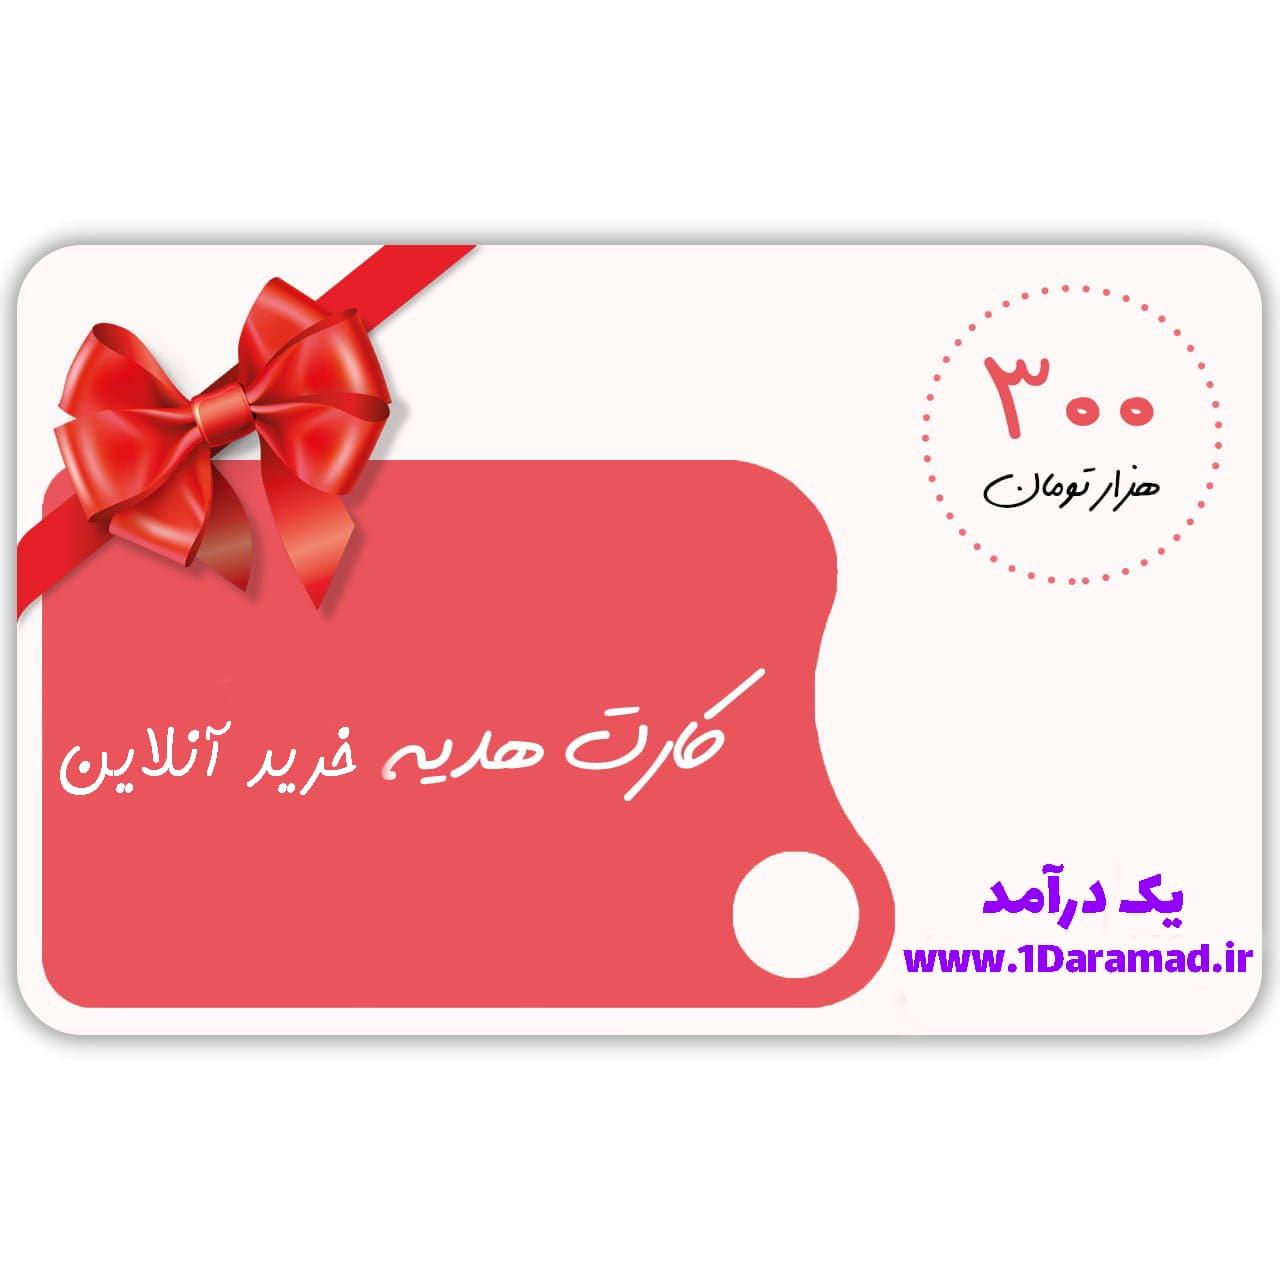 کارت هدیه رایگان خرید اینترنتی